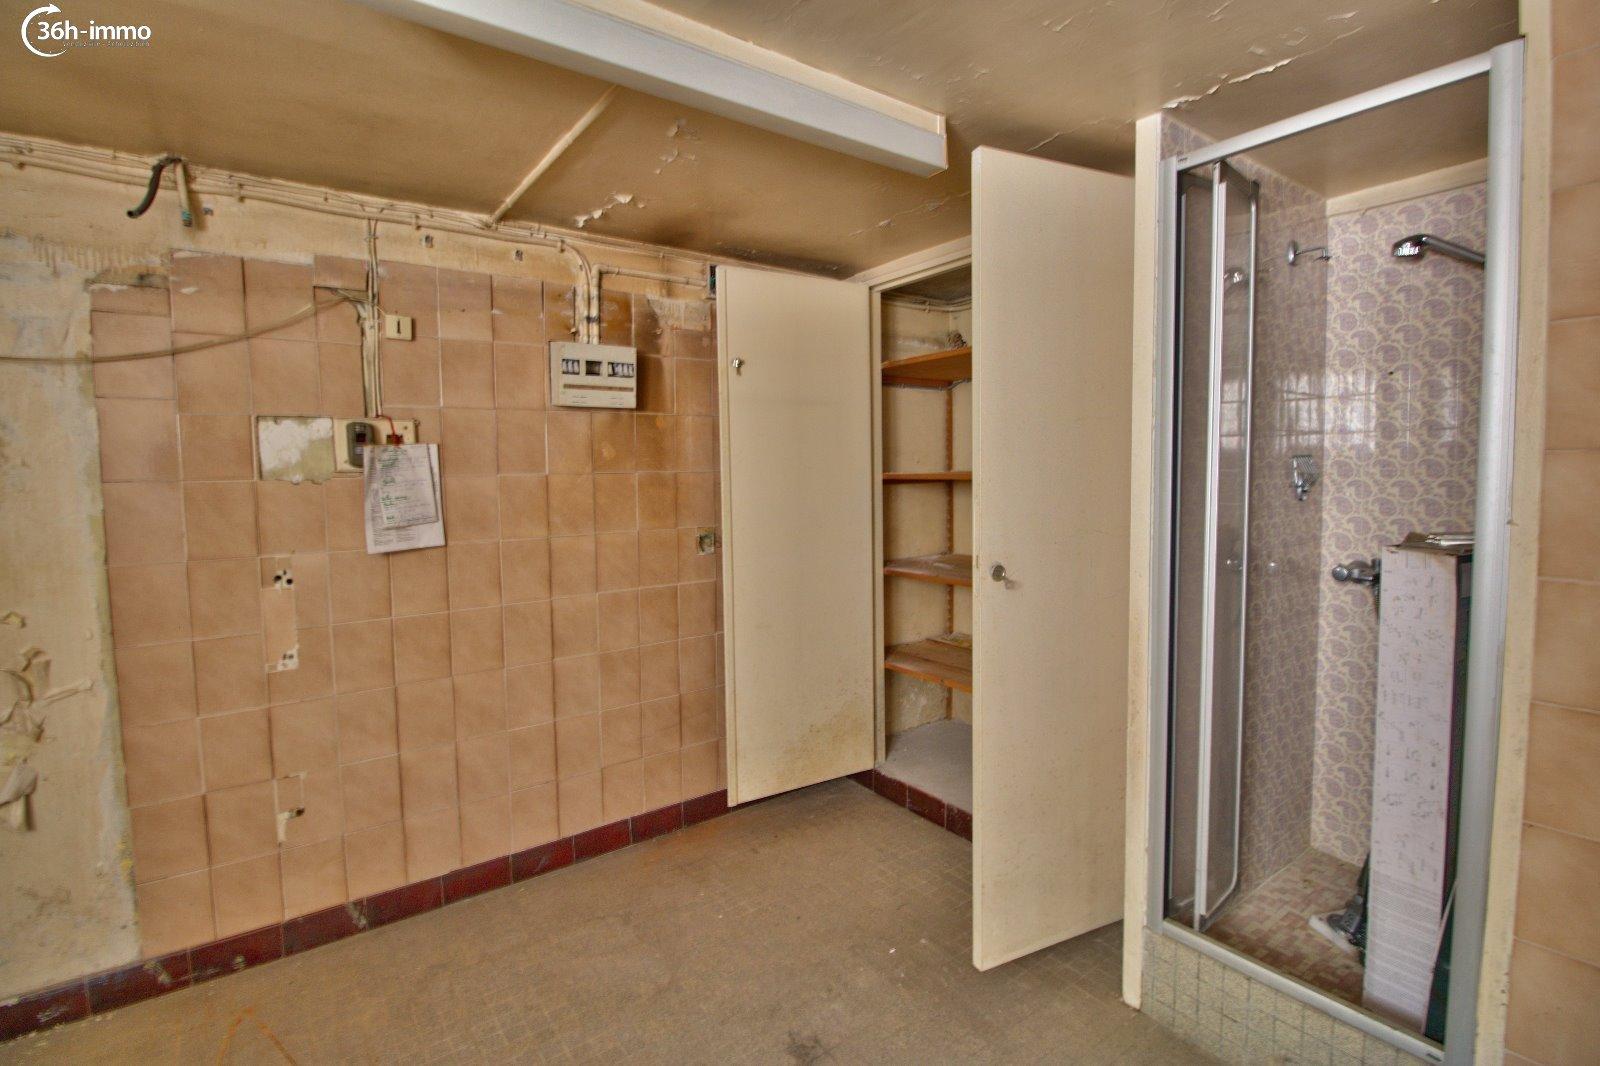 Maison Vaux-sur-Mer 17640 Charente-Maritime 109 m<sup>2</sup> 5 pièces 518000 euros